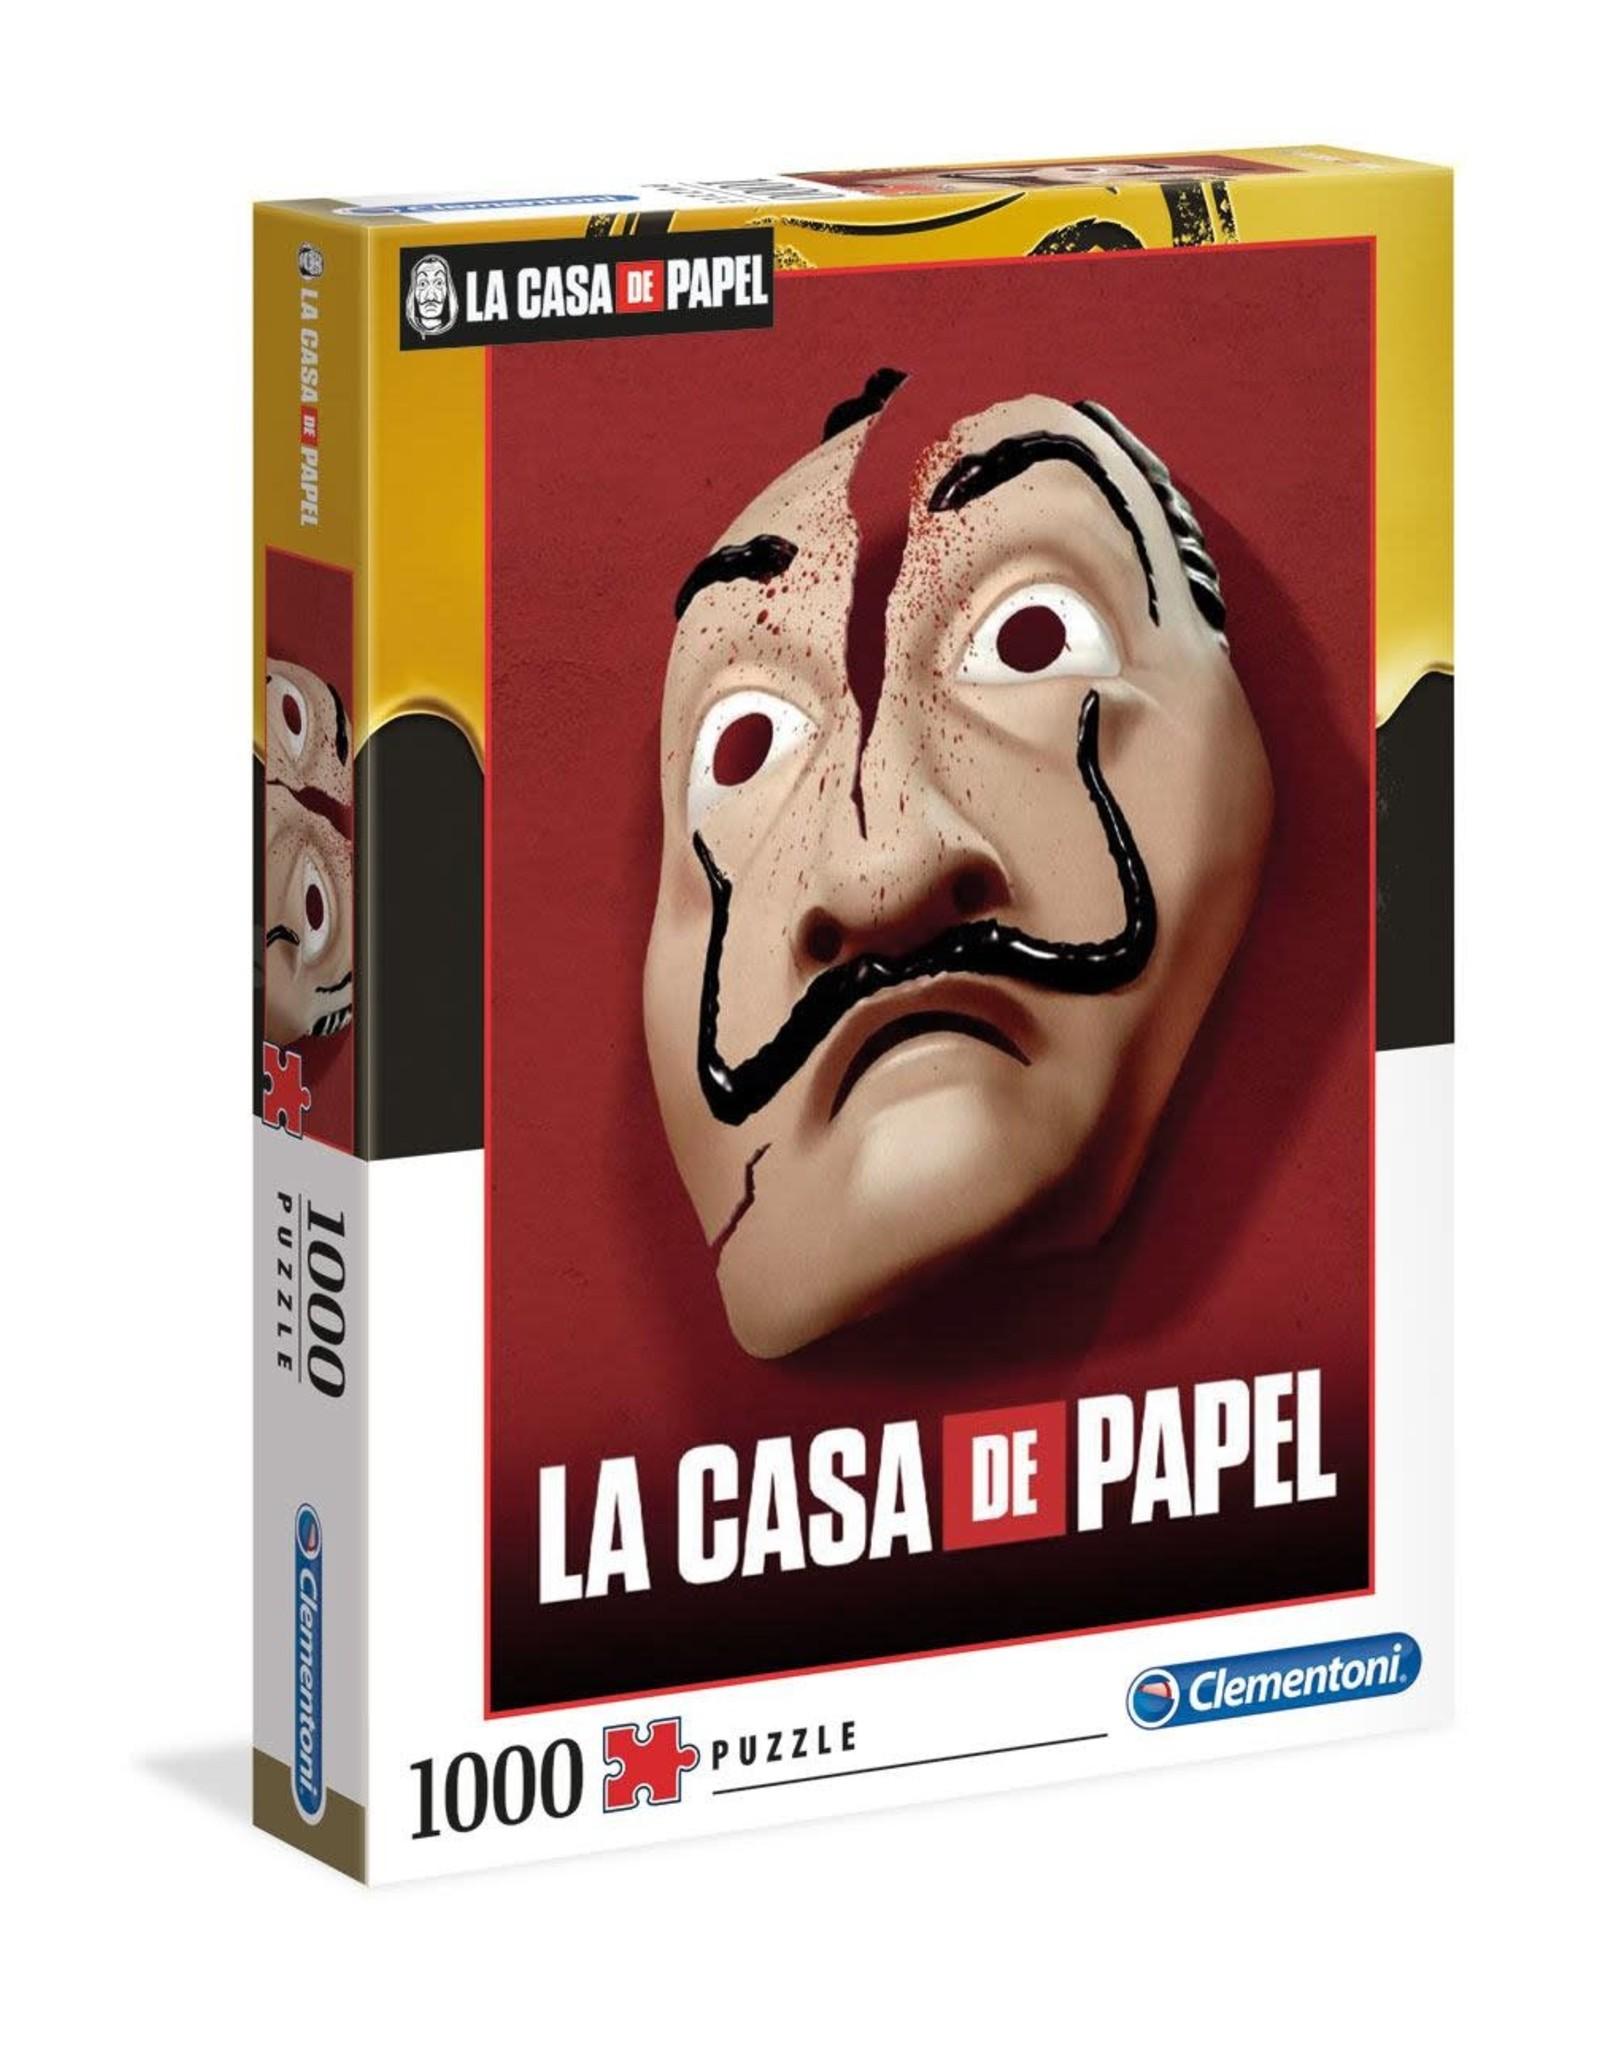 Clementoni CASA DE PAPEL Puzzle 1000P -  Mask